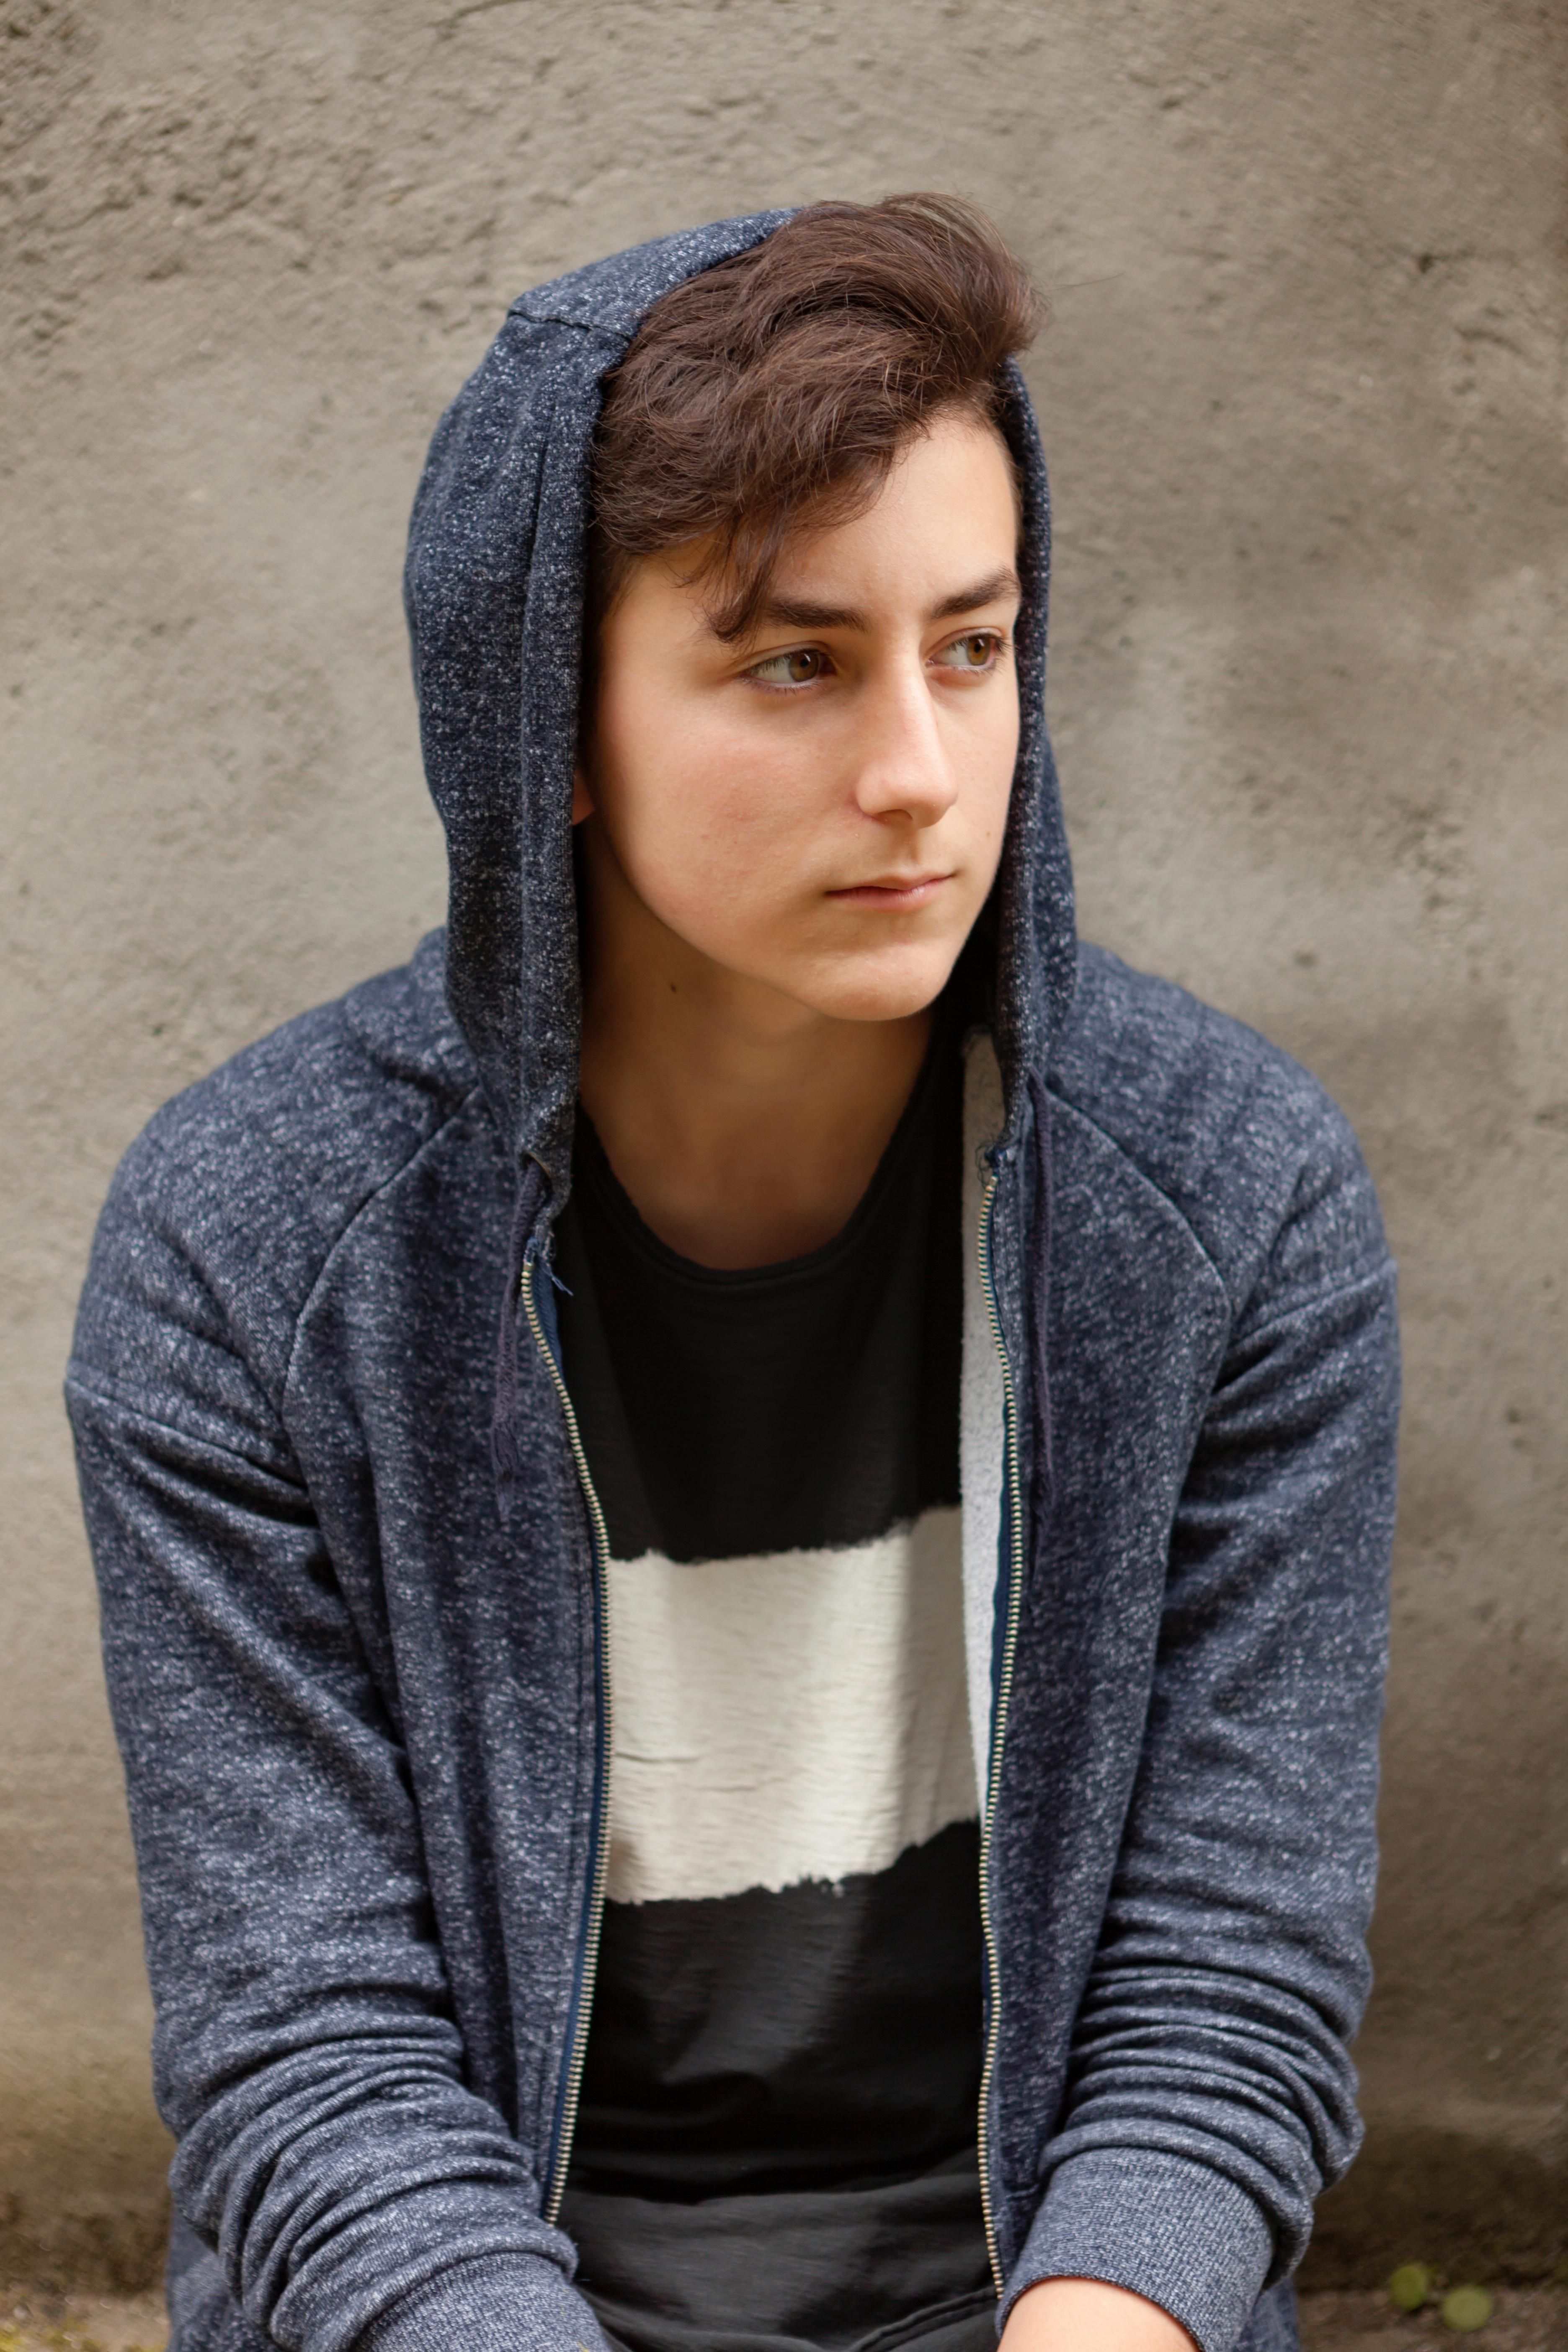 Qu'est-ce qui rend un(e) adolescent(e) plus à risque de faire une tentative de suicide?